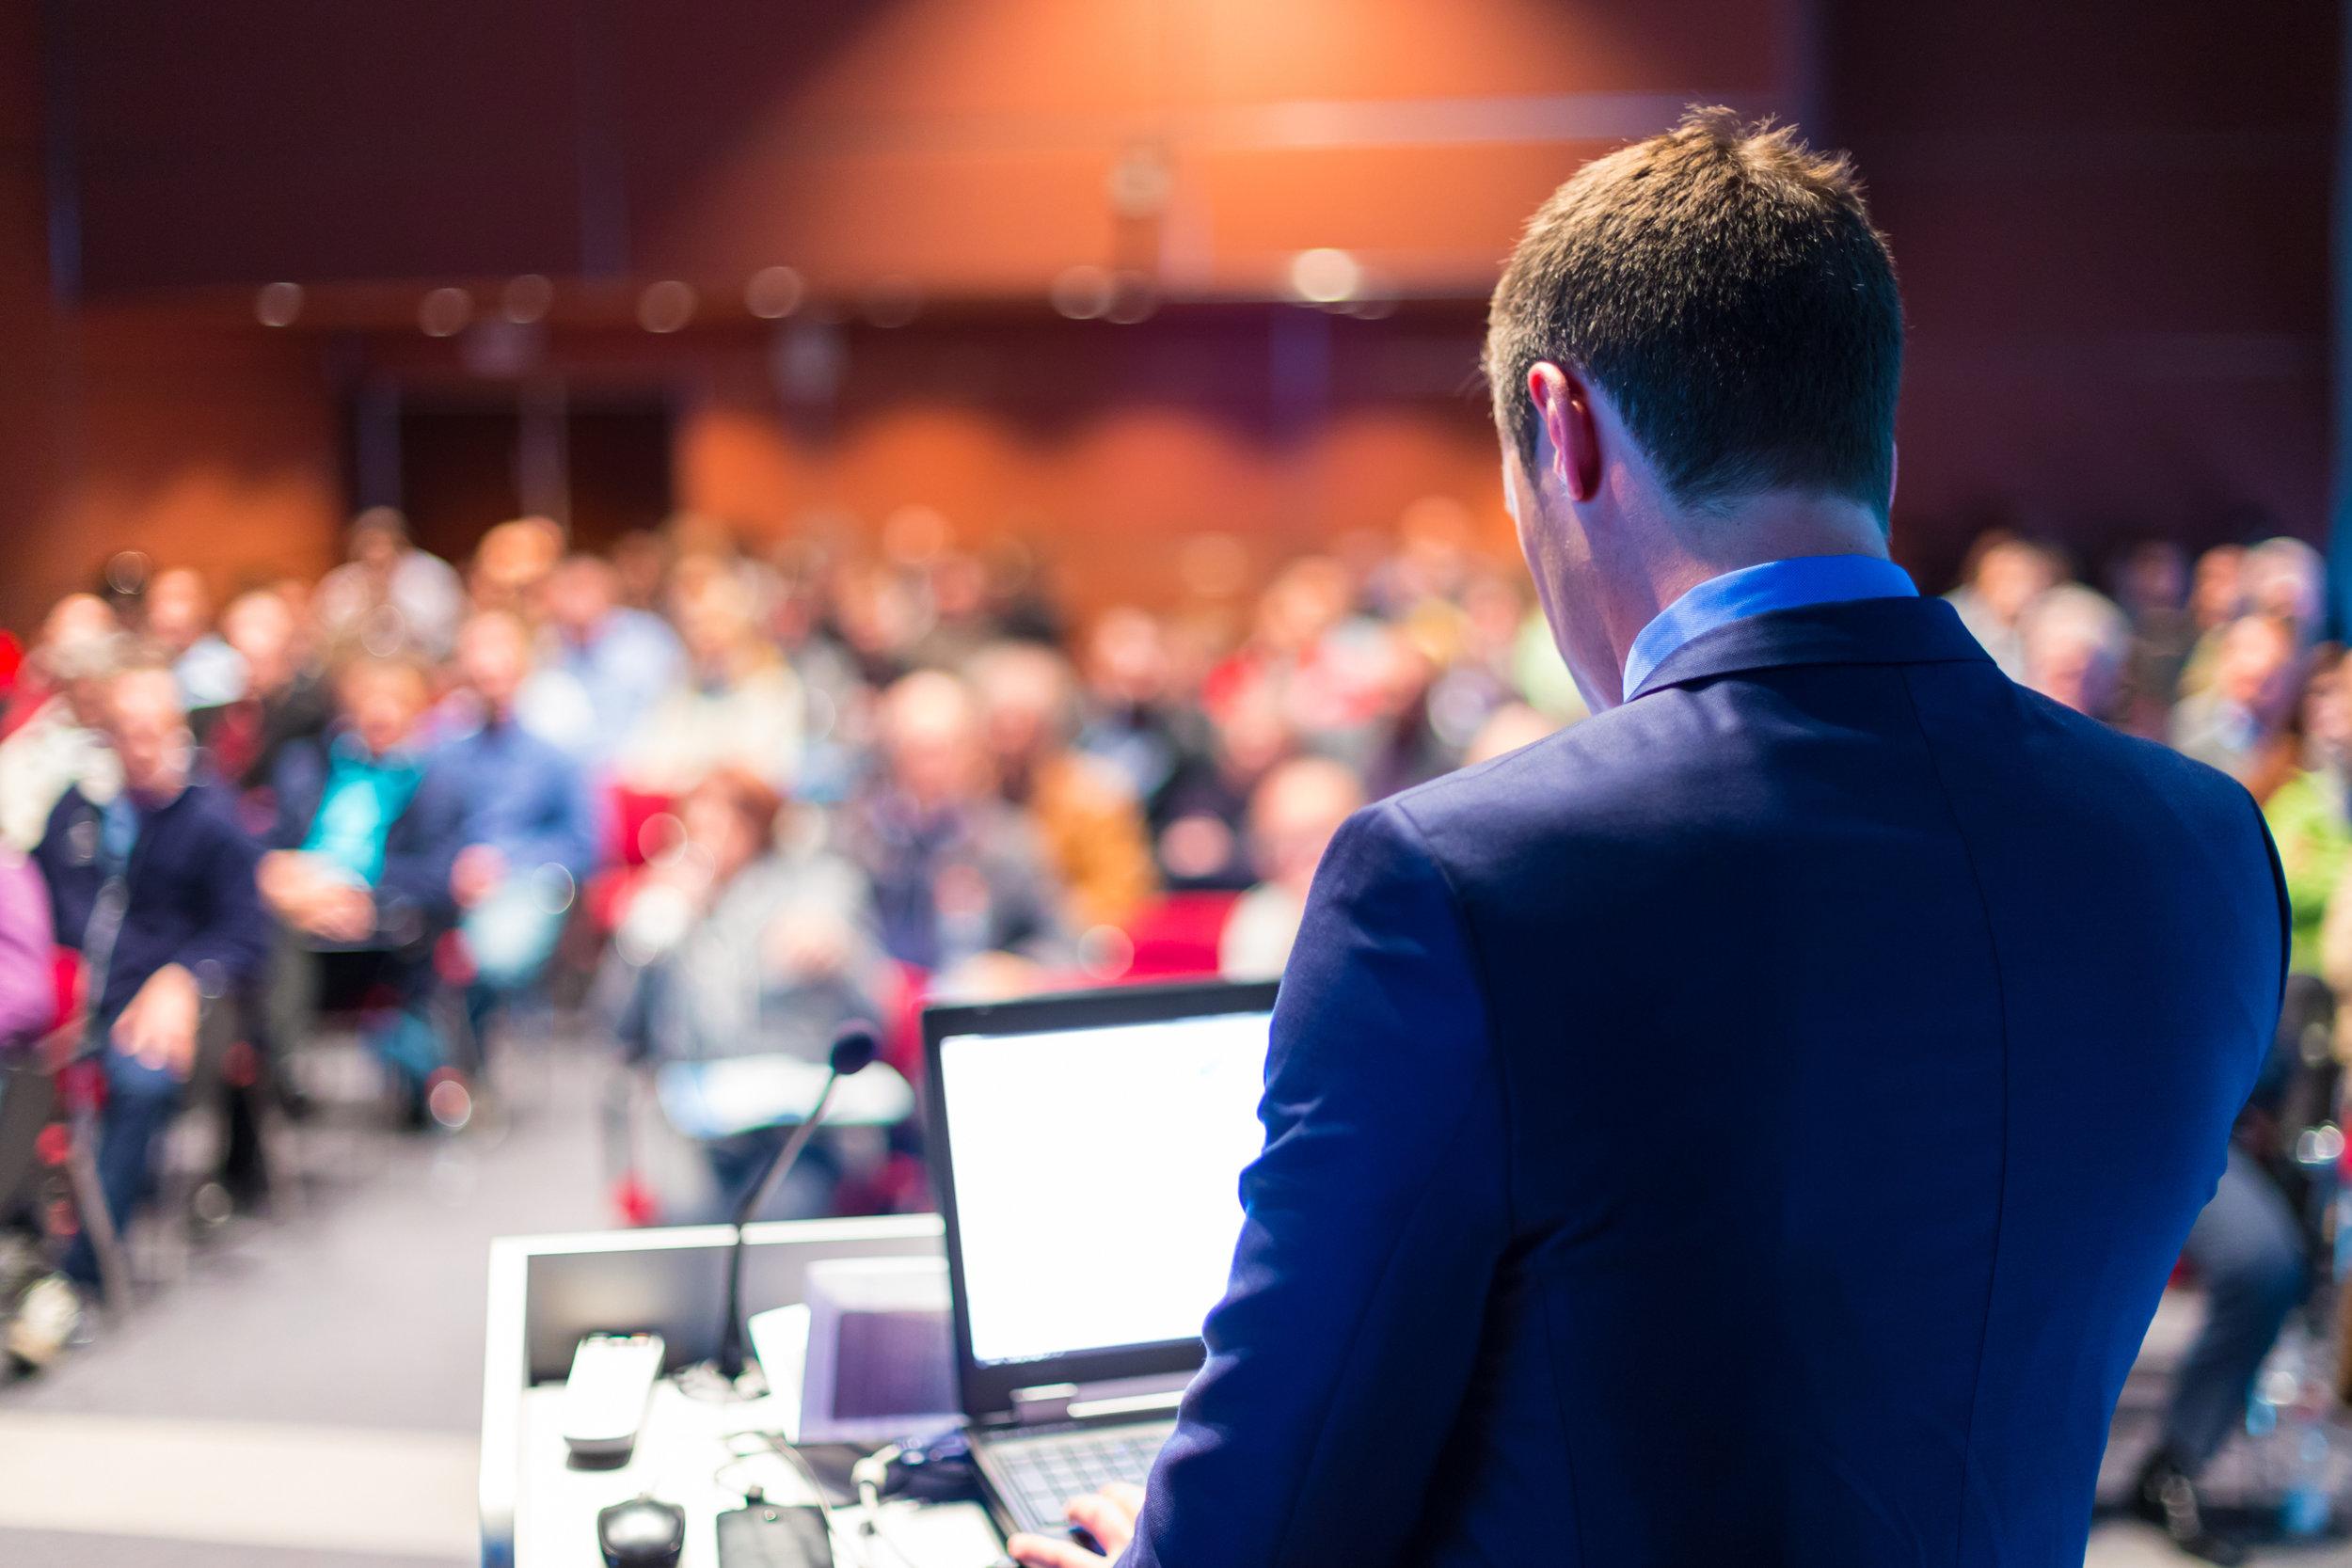 Speaker at Business Conference.jpg